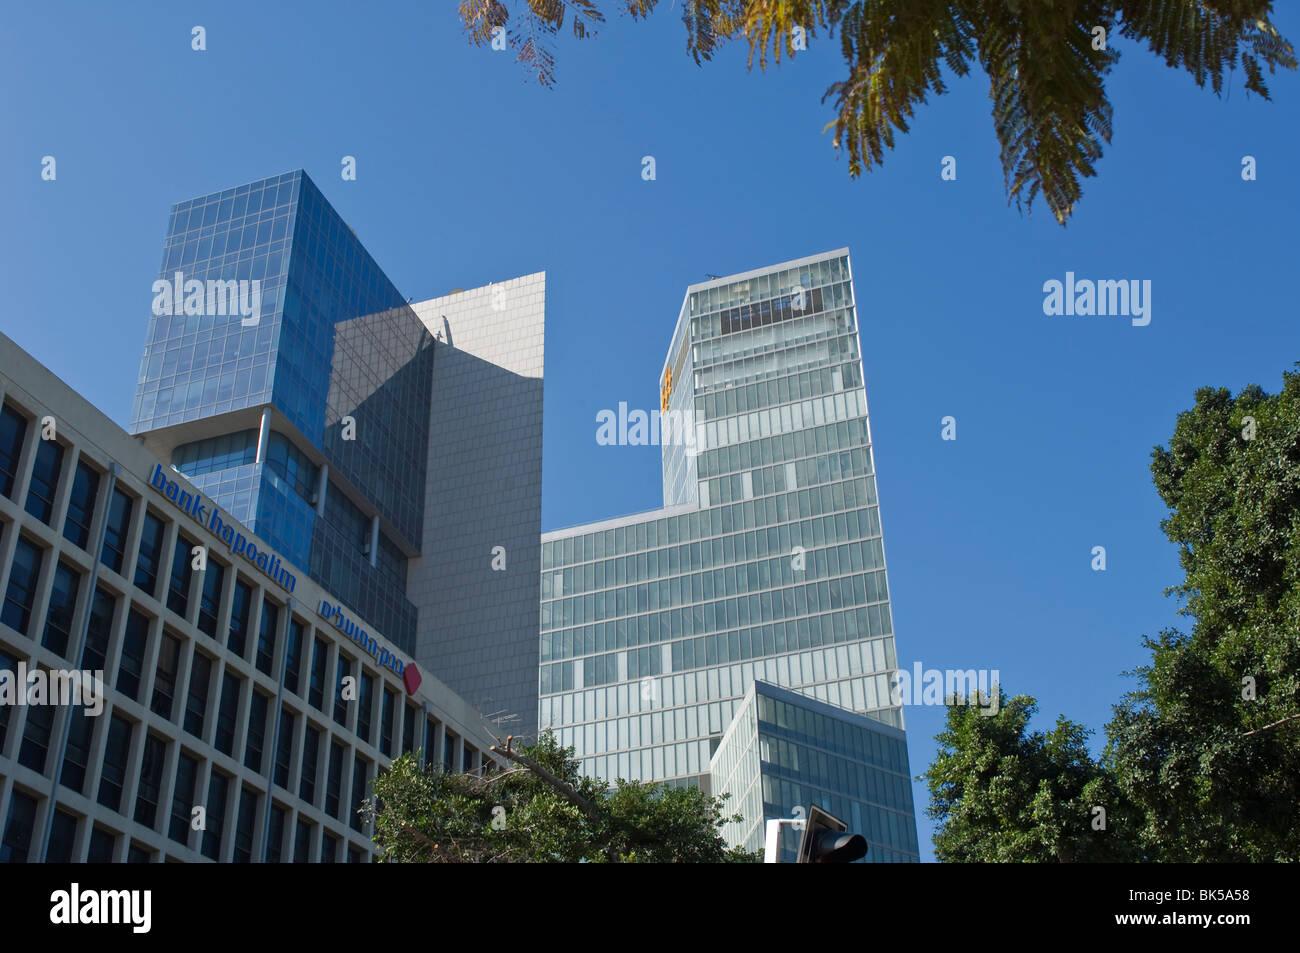 Tel Aviv, Israel, Middle East - Stock Image